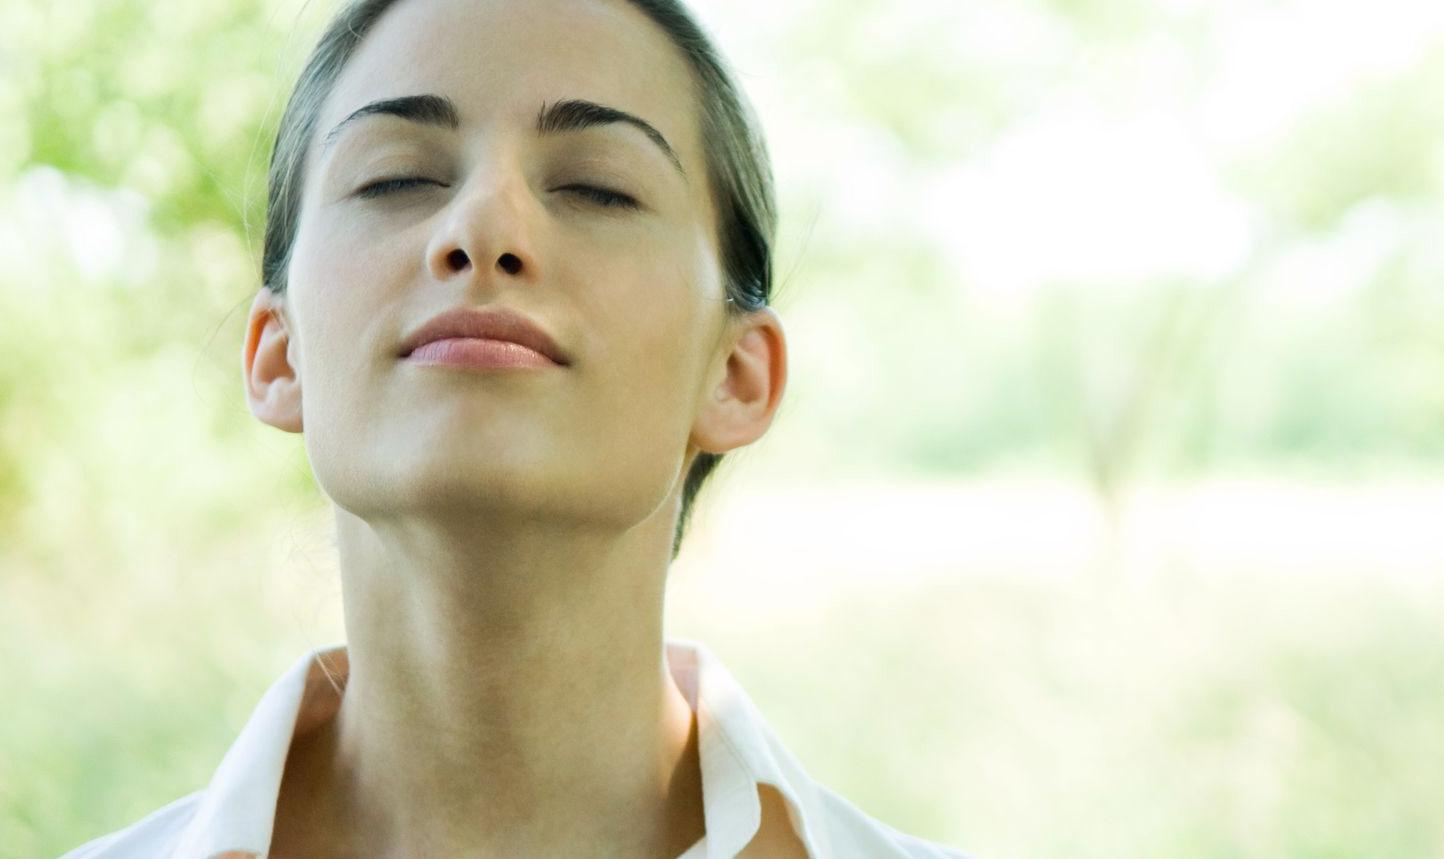 правильное дыхание через нос